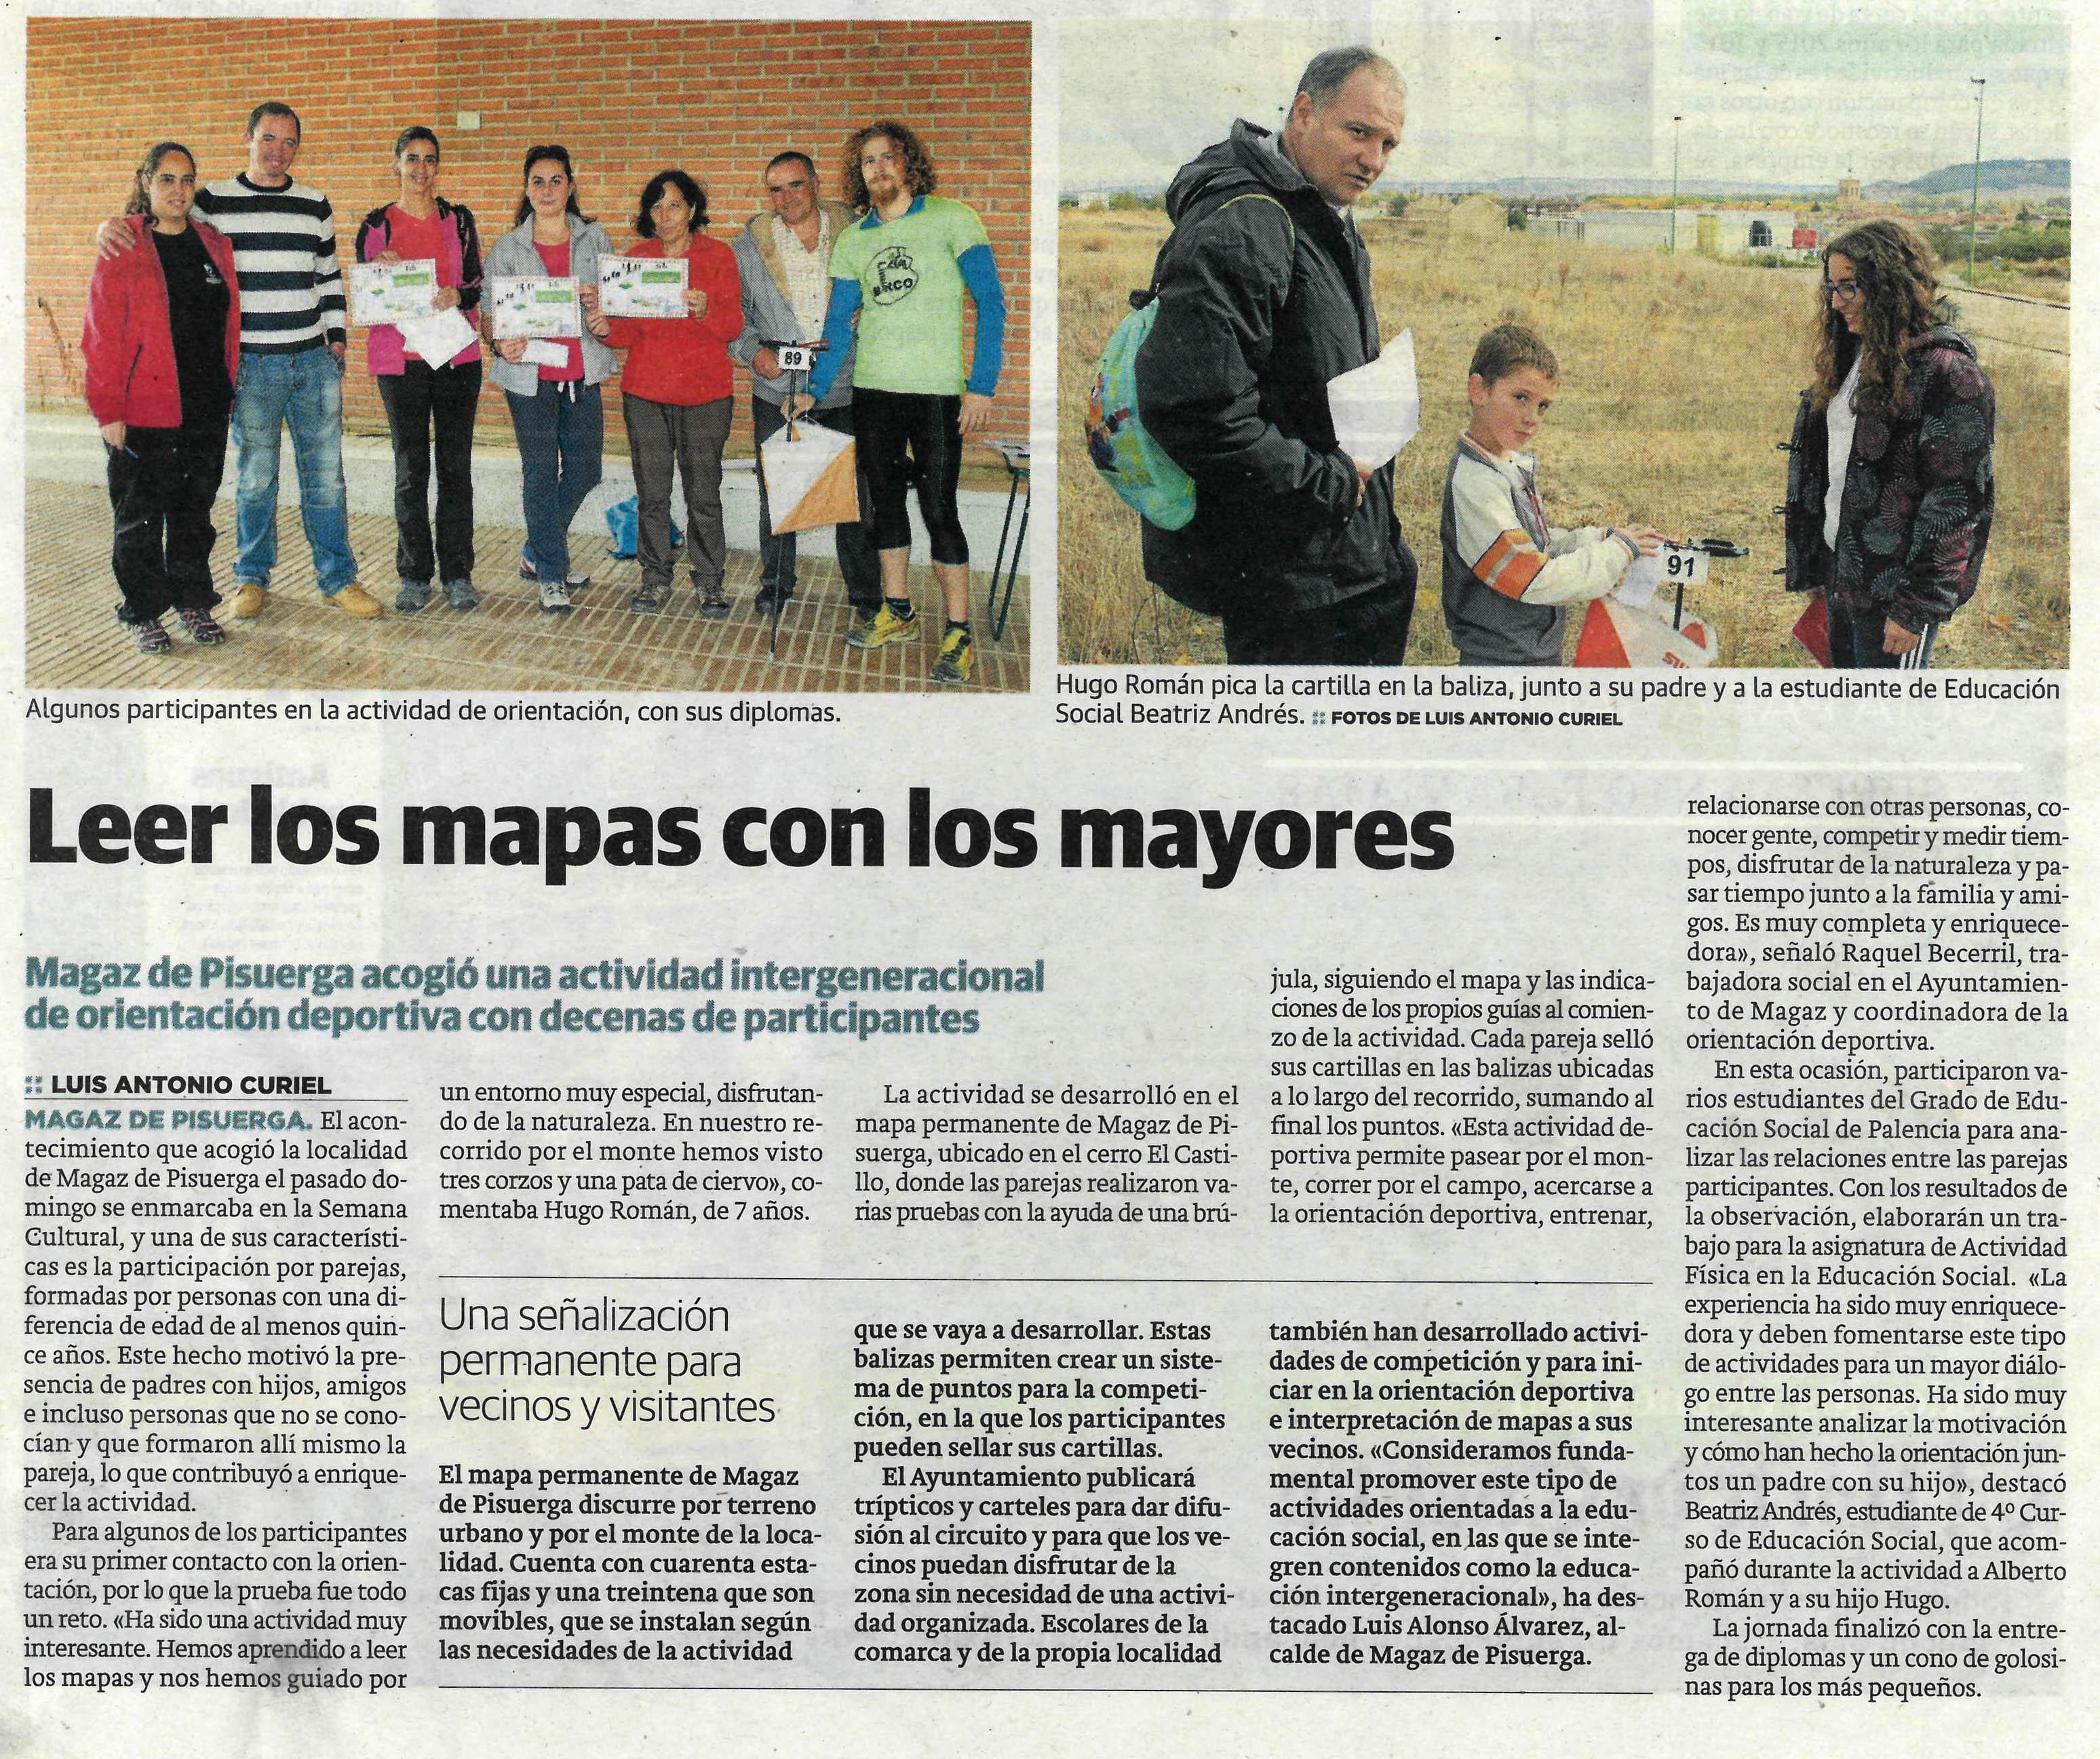 Noticia Norte de Castilla: Leer los mapas con los mayores